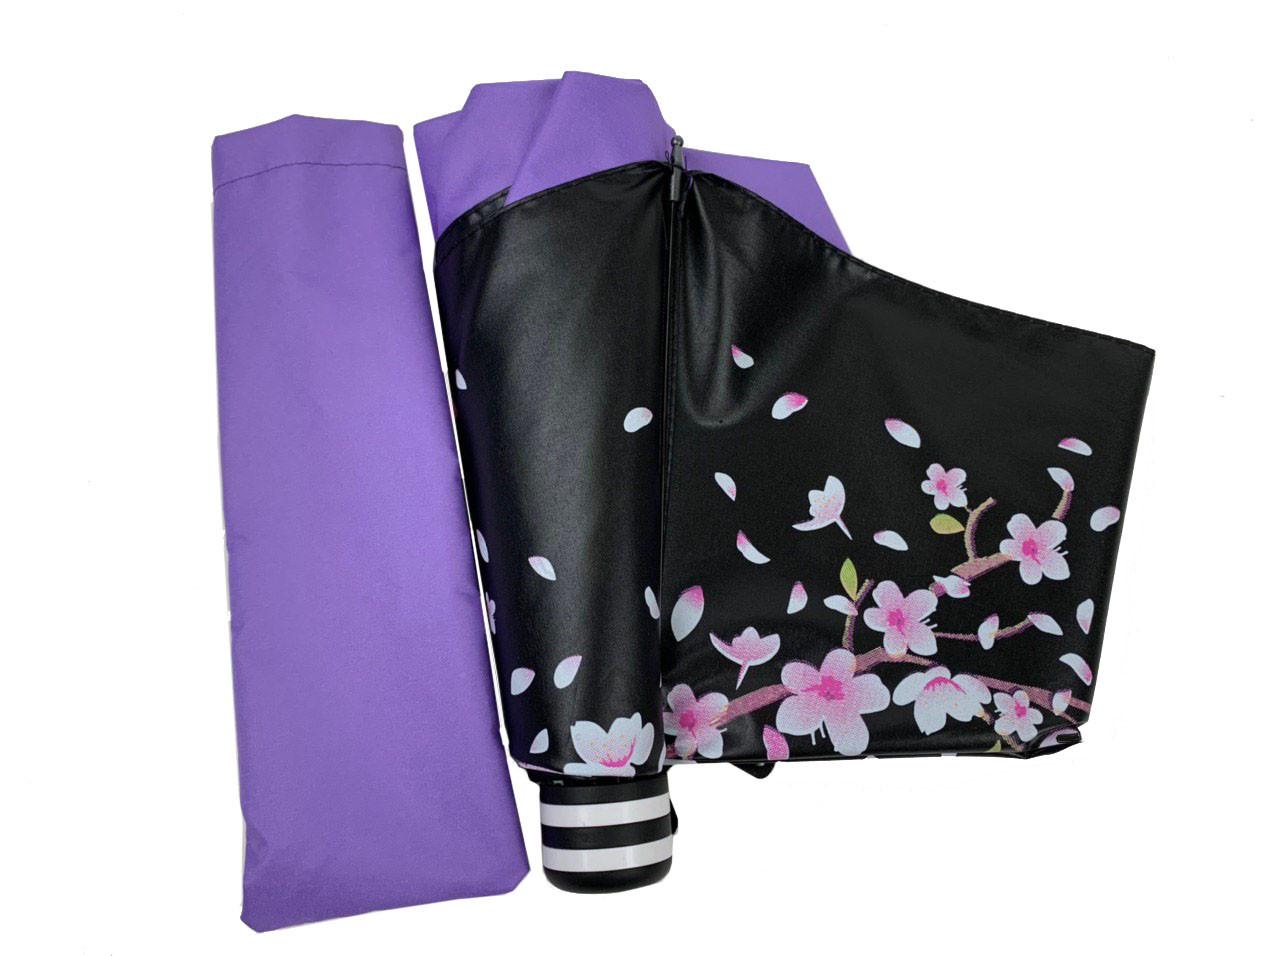 Механический женский зонт в три сложения с принтом ветки сакуры, фиолетовый, 8308-3